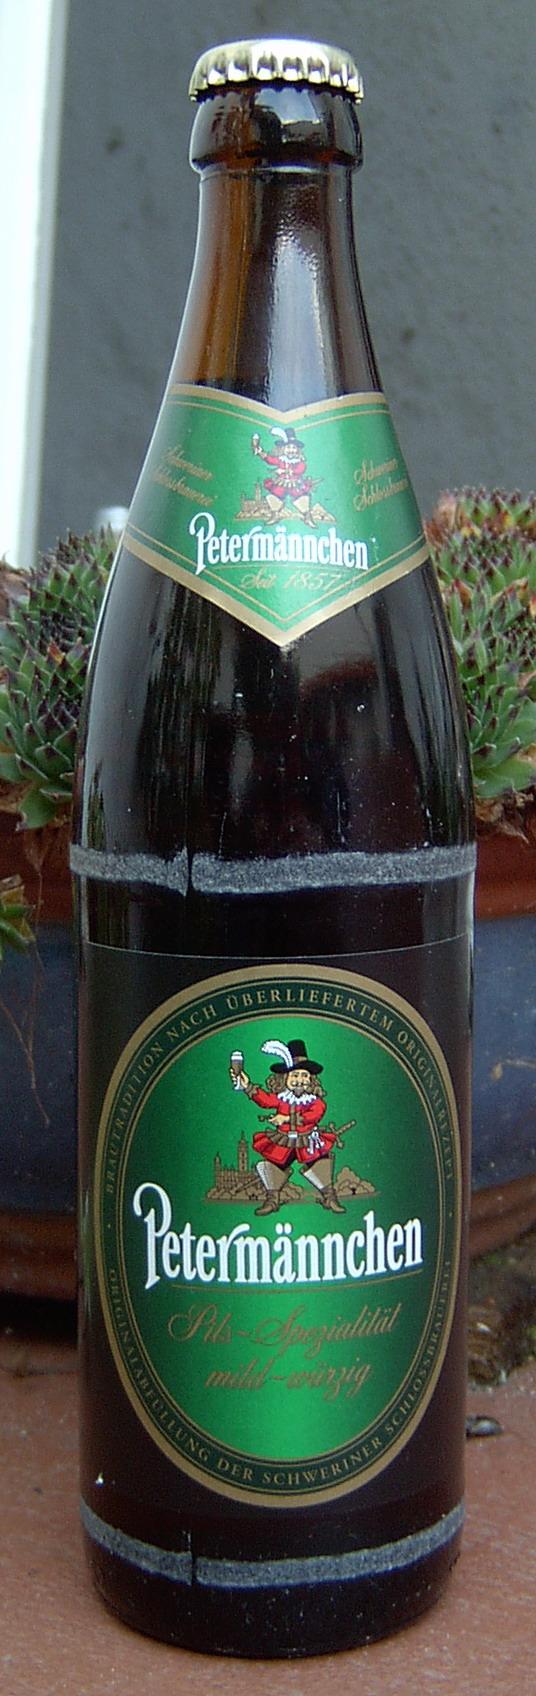 877_2007-10-20_Petermaennchen.jpg